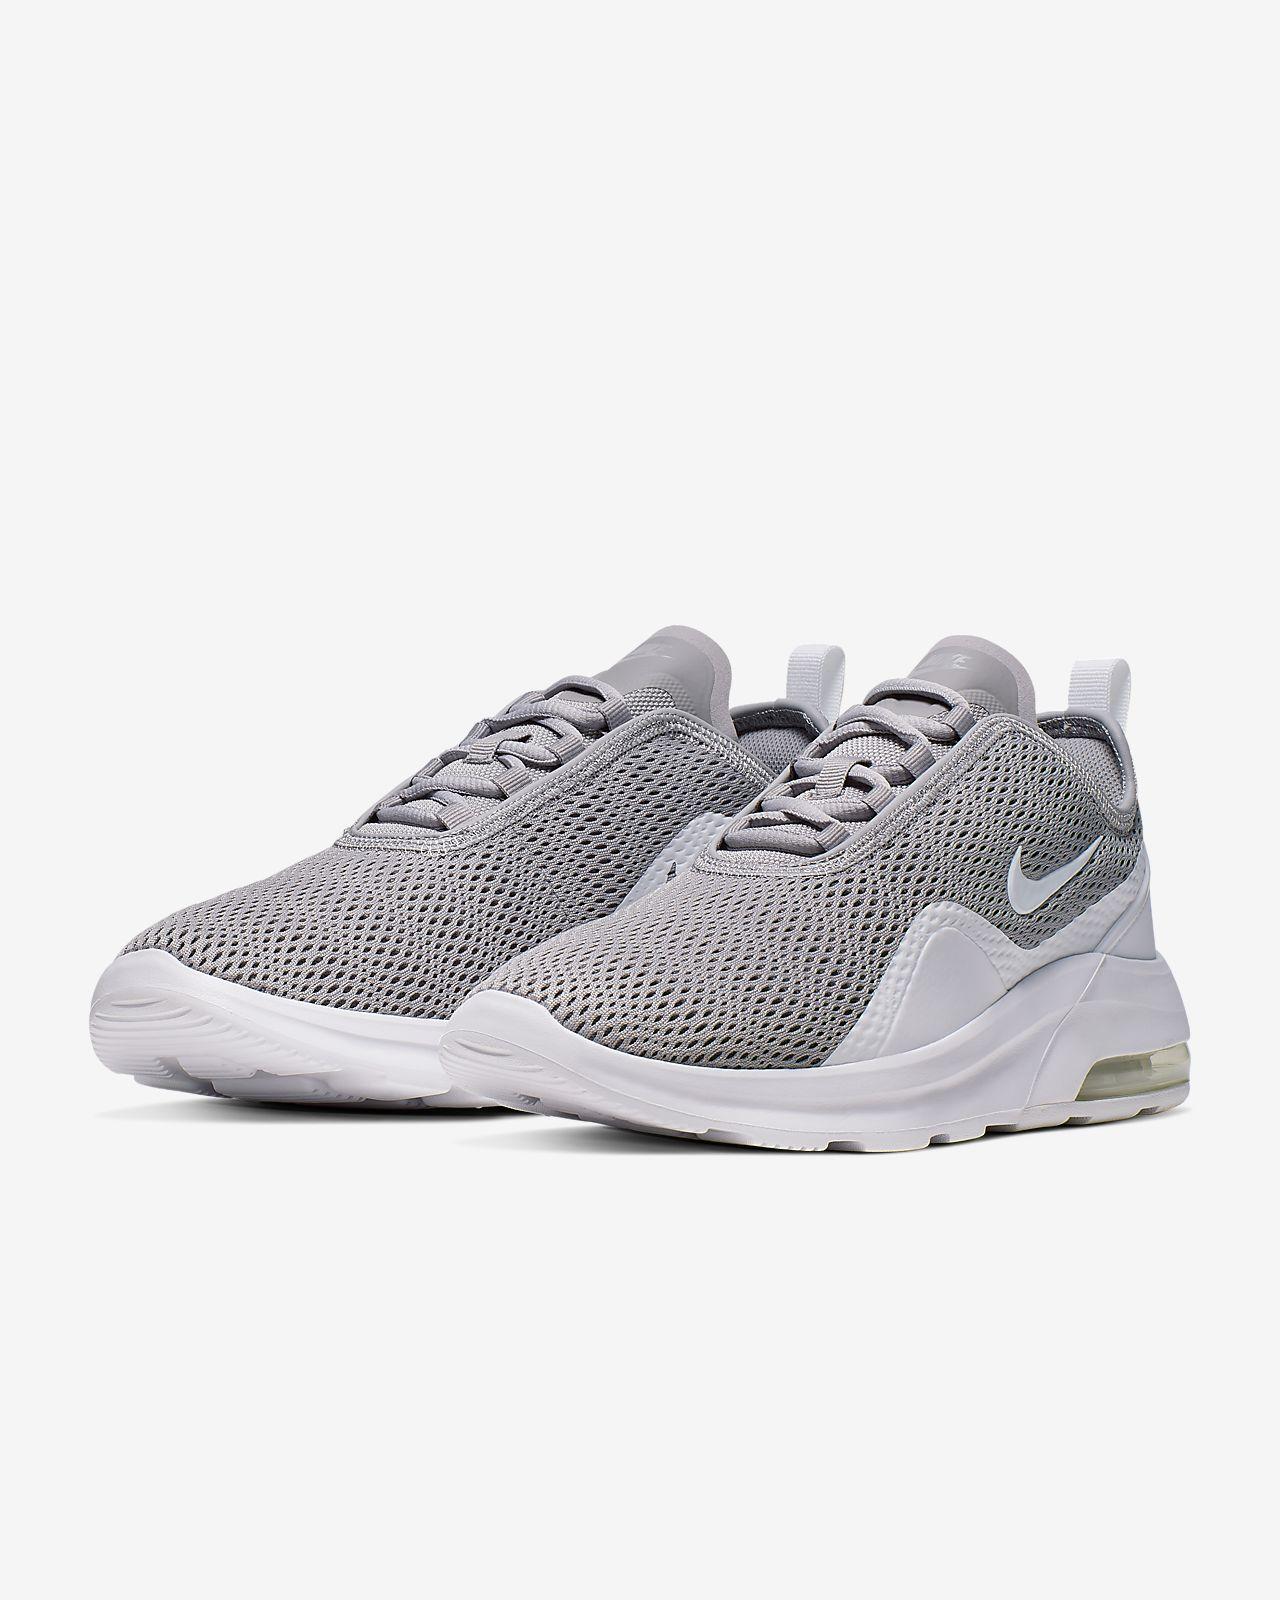 Sko Nike Air Max Motion 2 för män